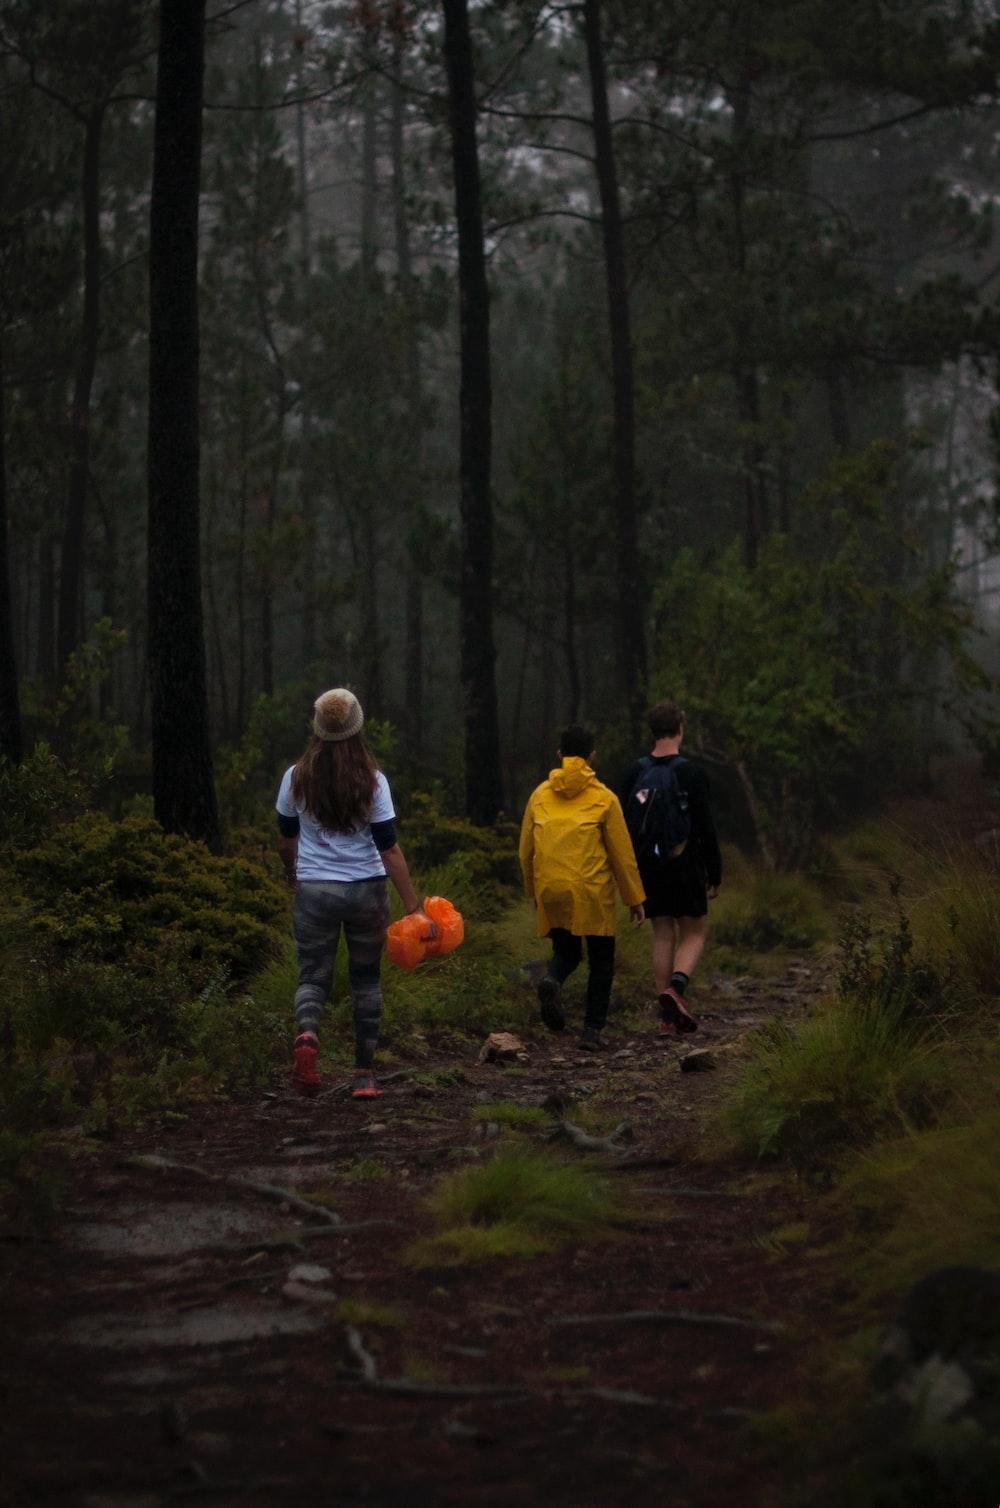 three people walking on footpath near trees